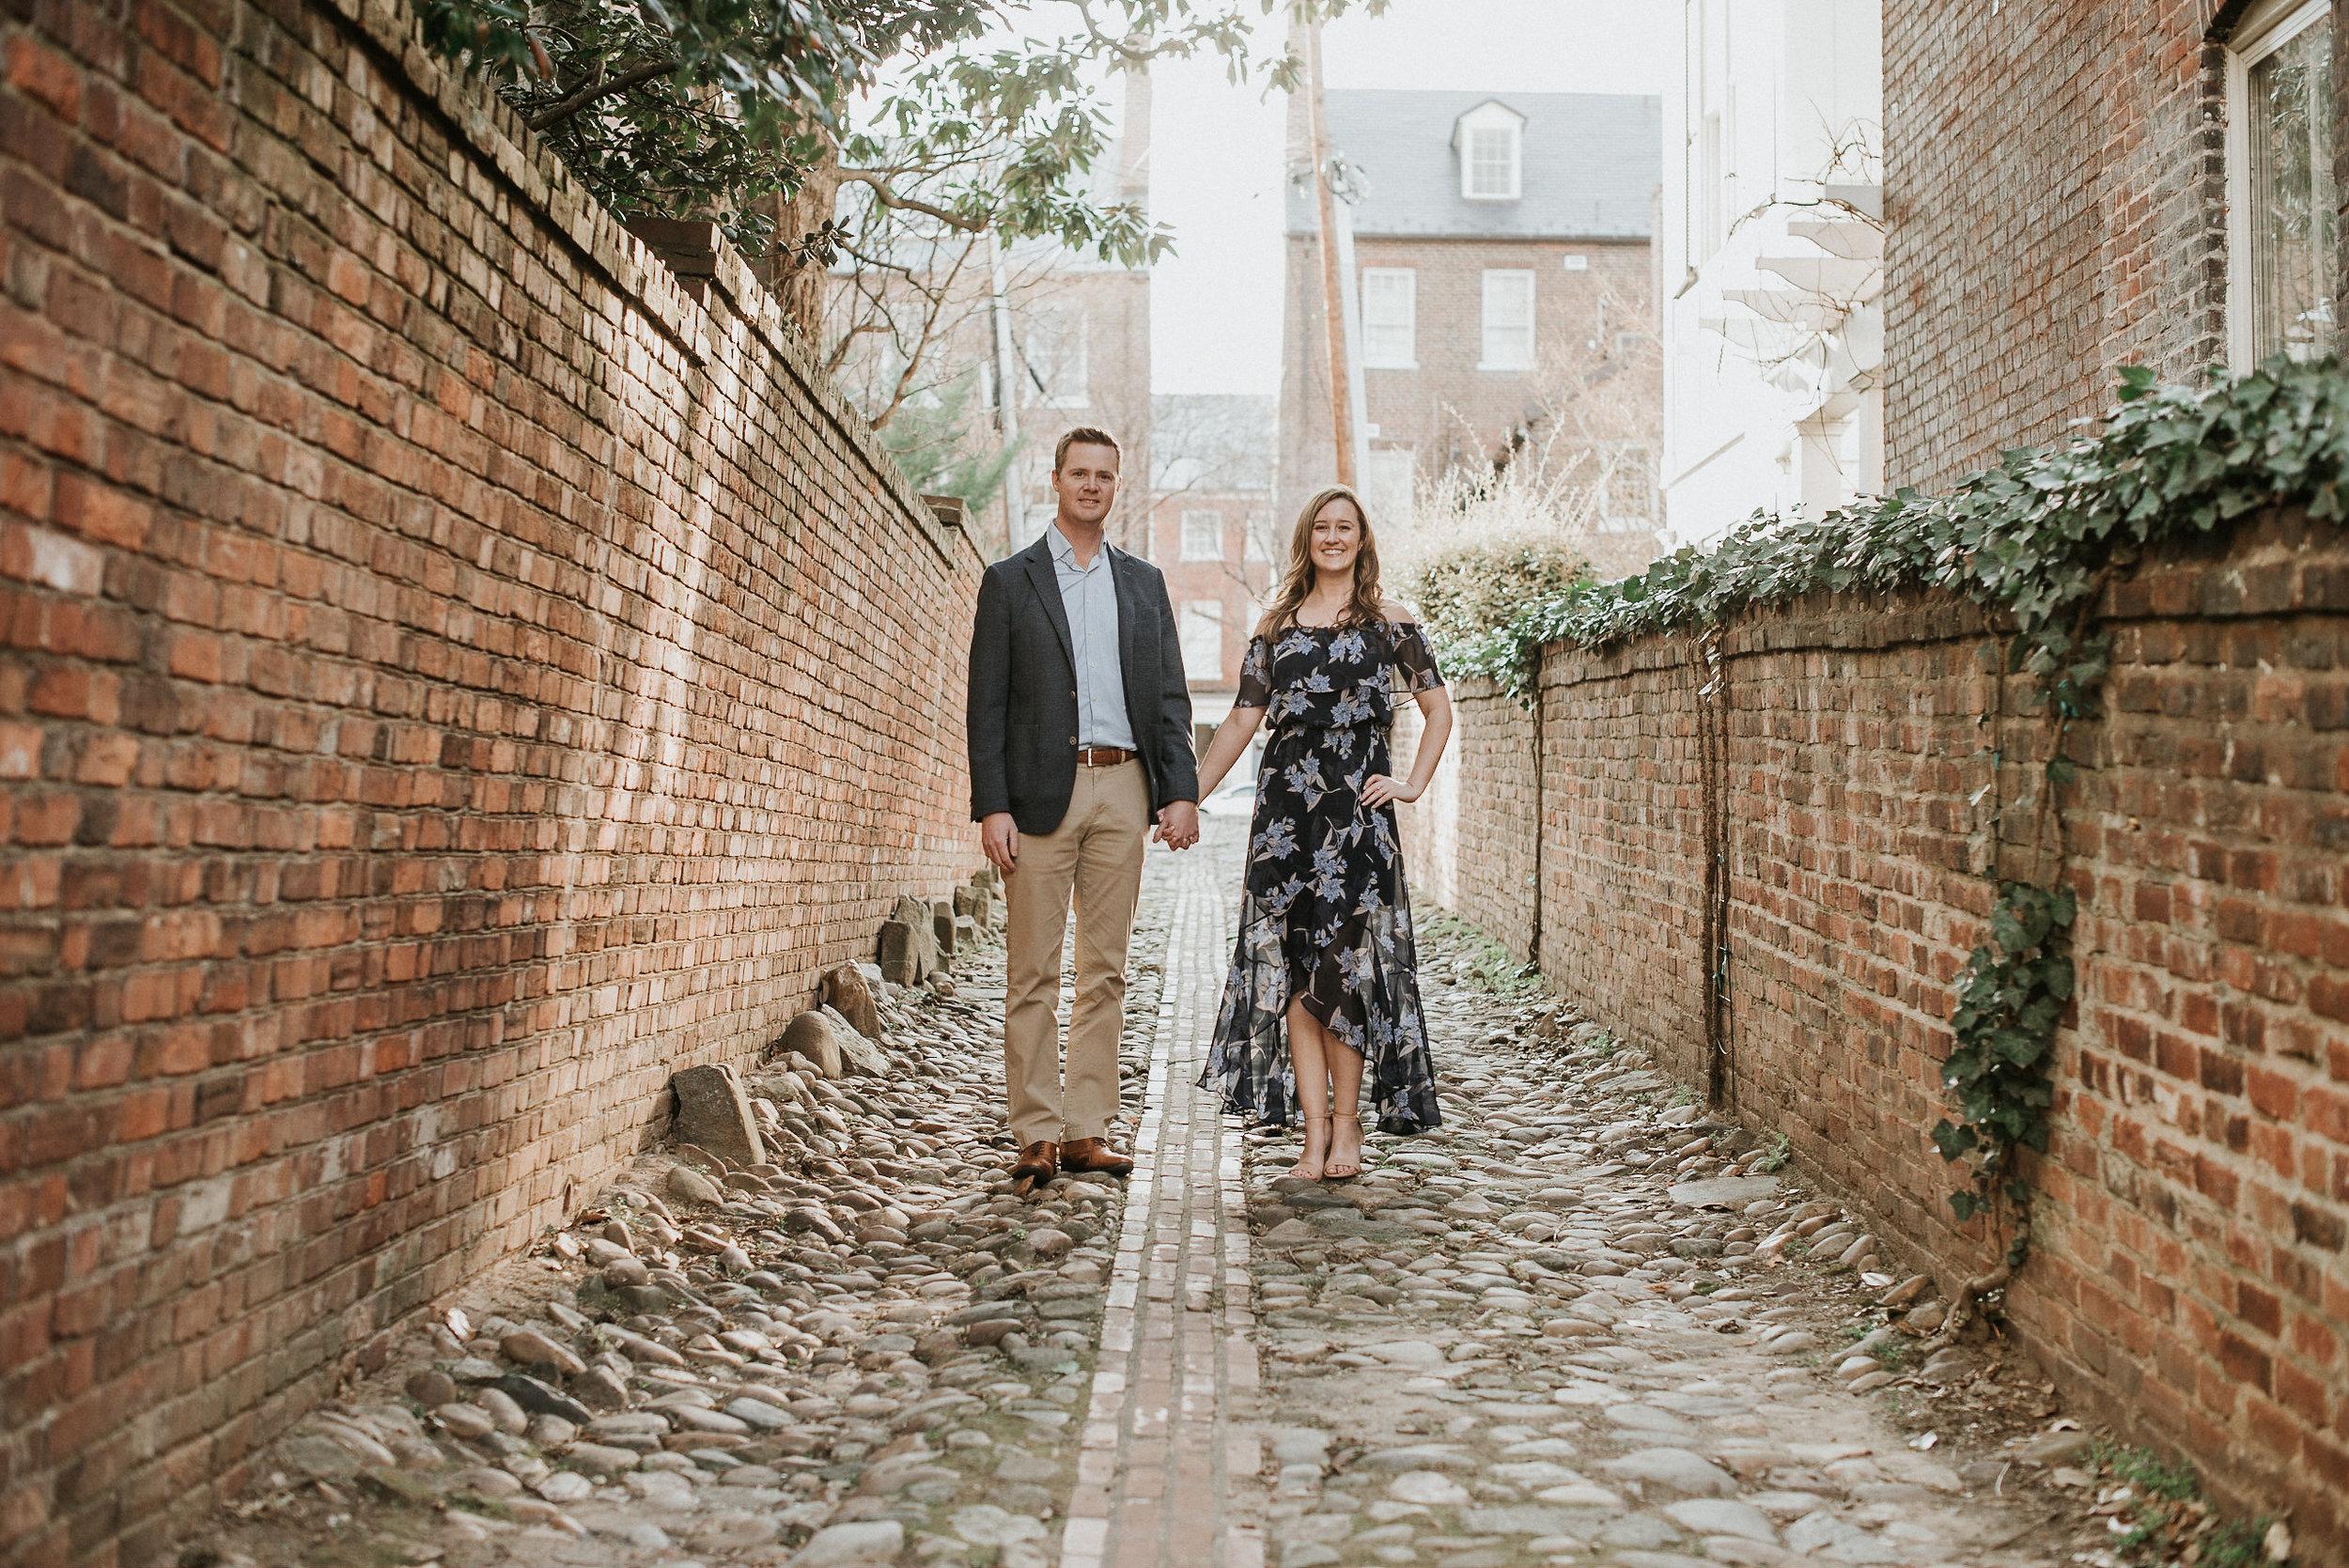 Couple standing in brick alleyway